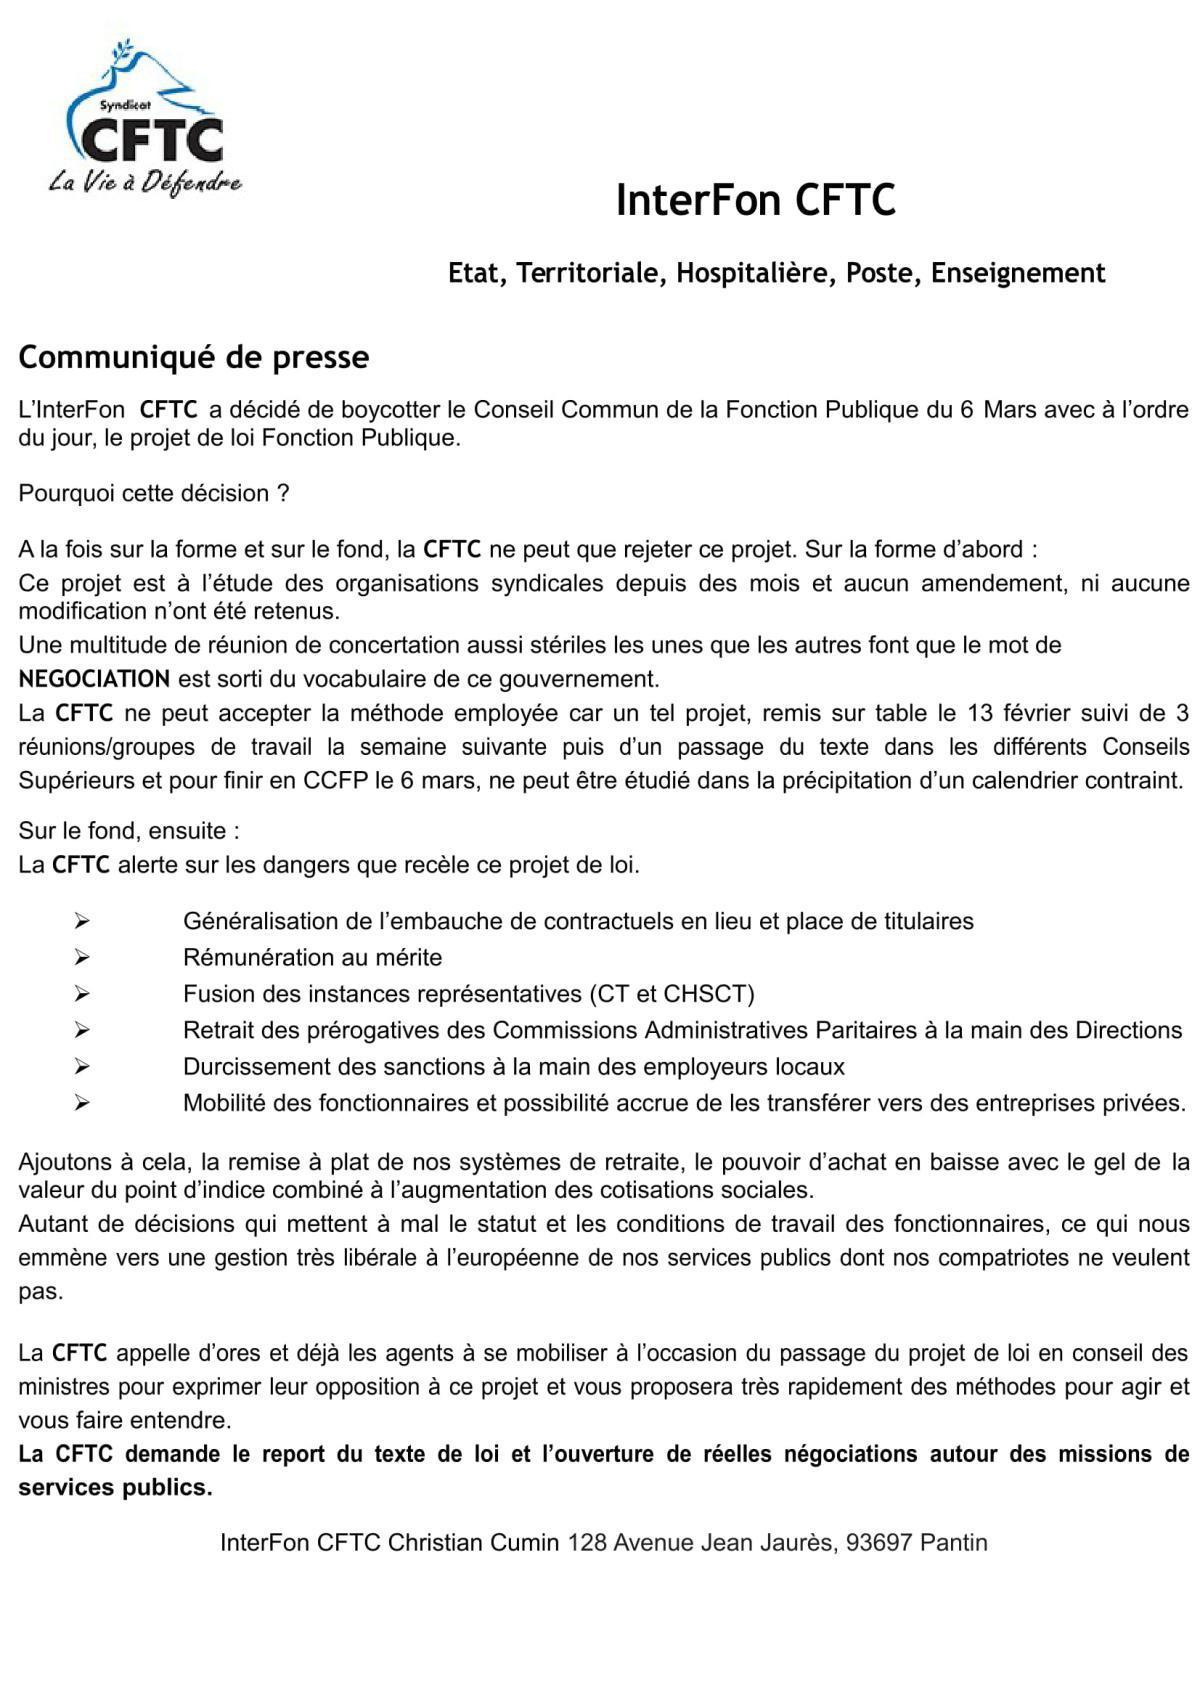 Rappel communiqué de presse INTERFON CFTC